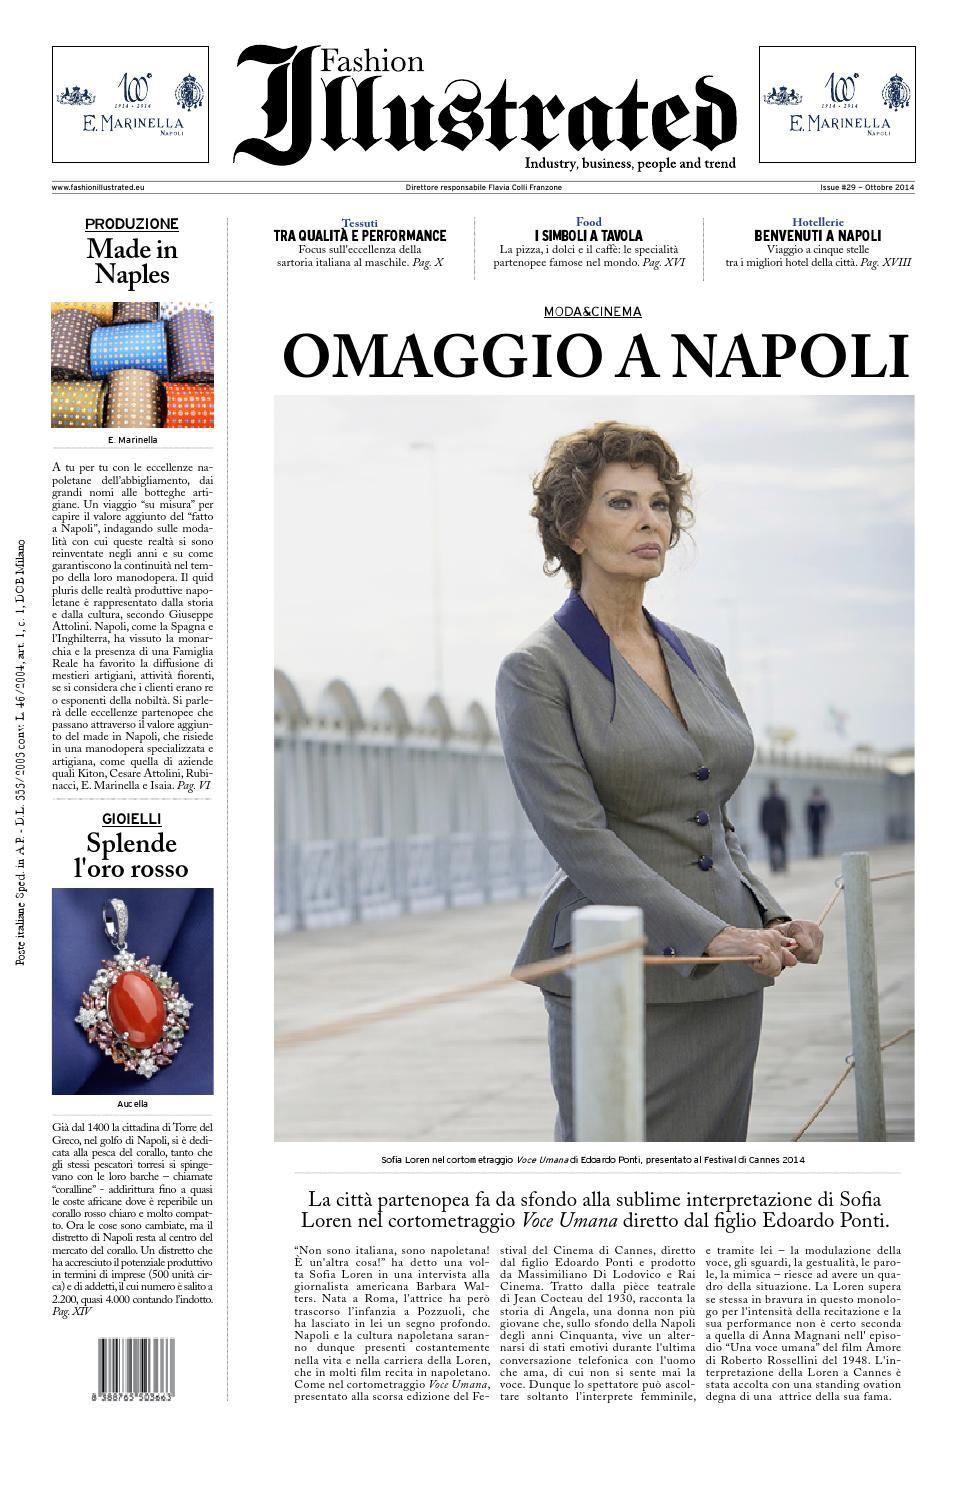 Napoli illustrated ottobre 2014 by Fashion Illustrated - issuu 376e95e58c1